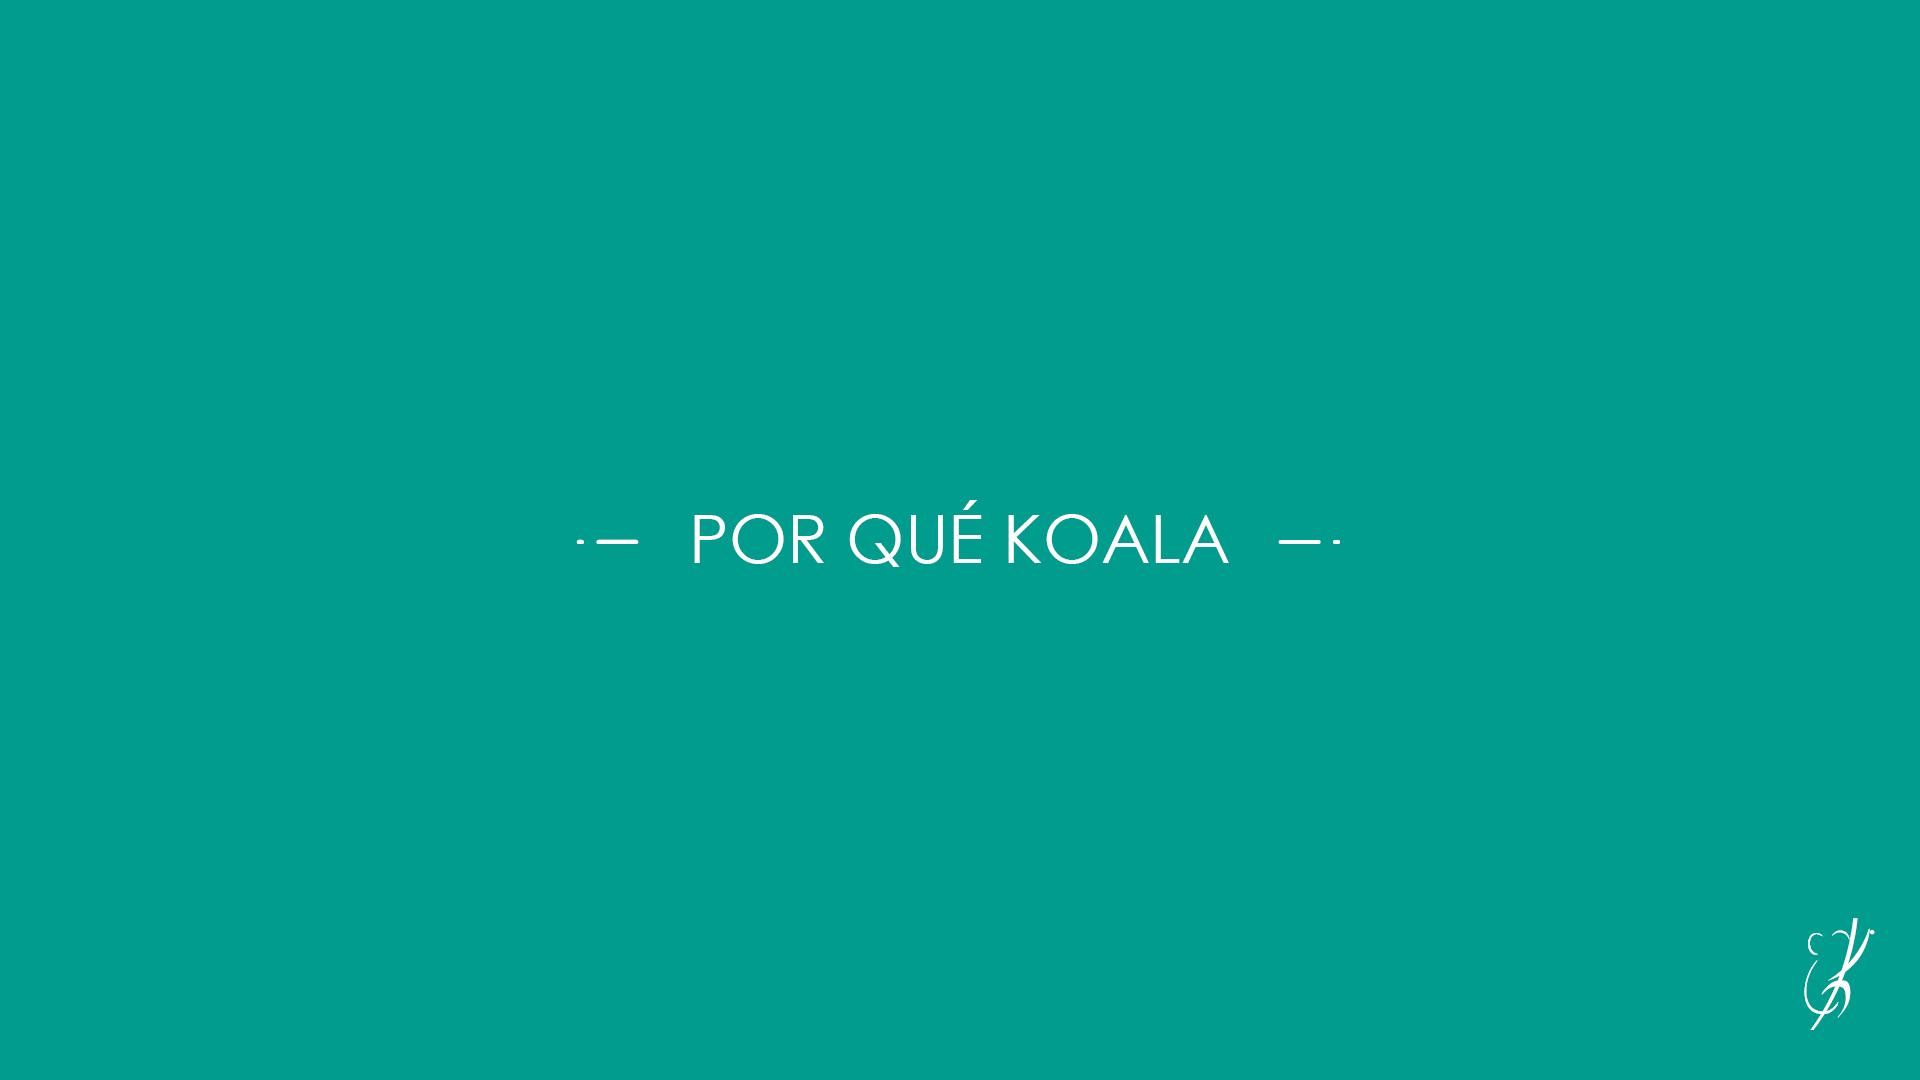 Koala_Dossier2019_1920x108027